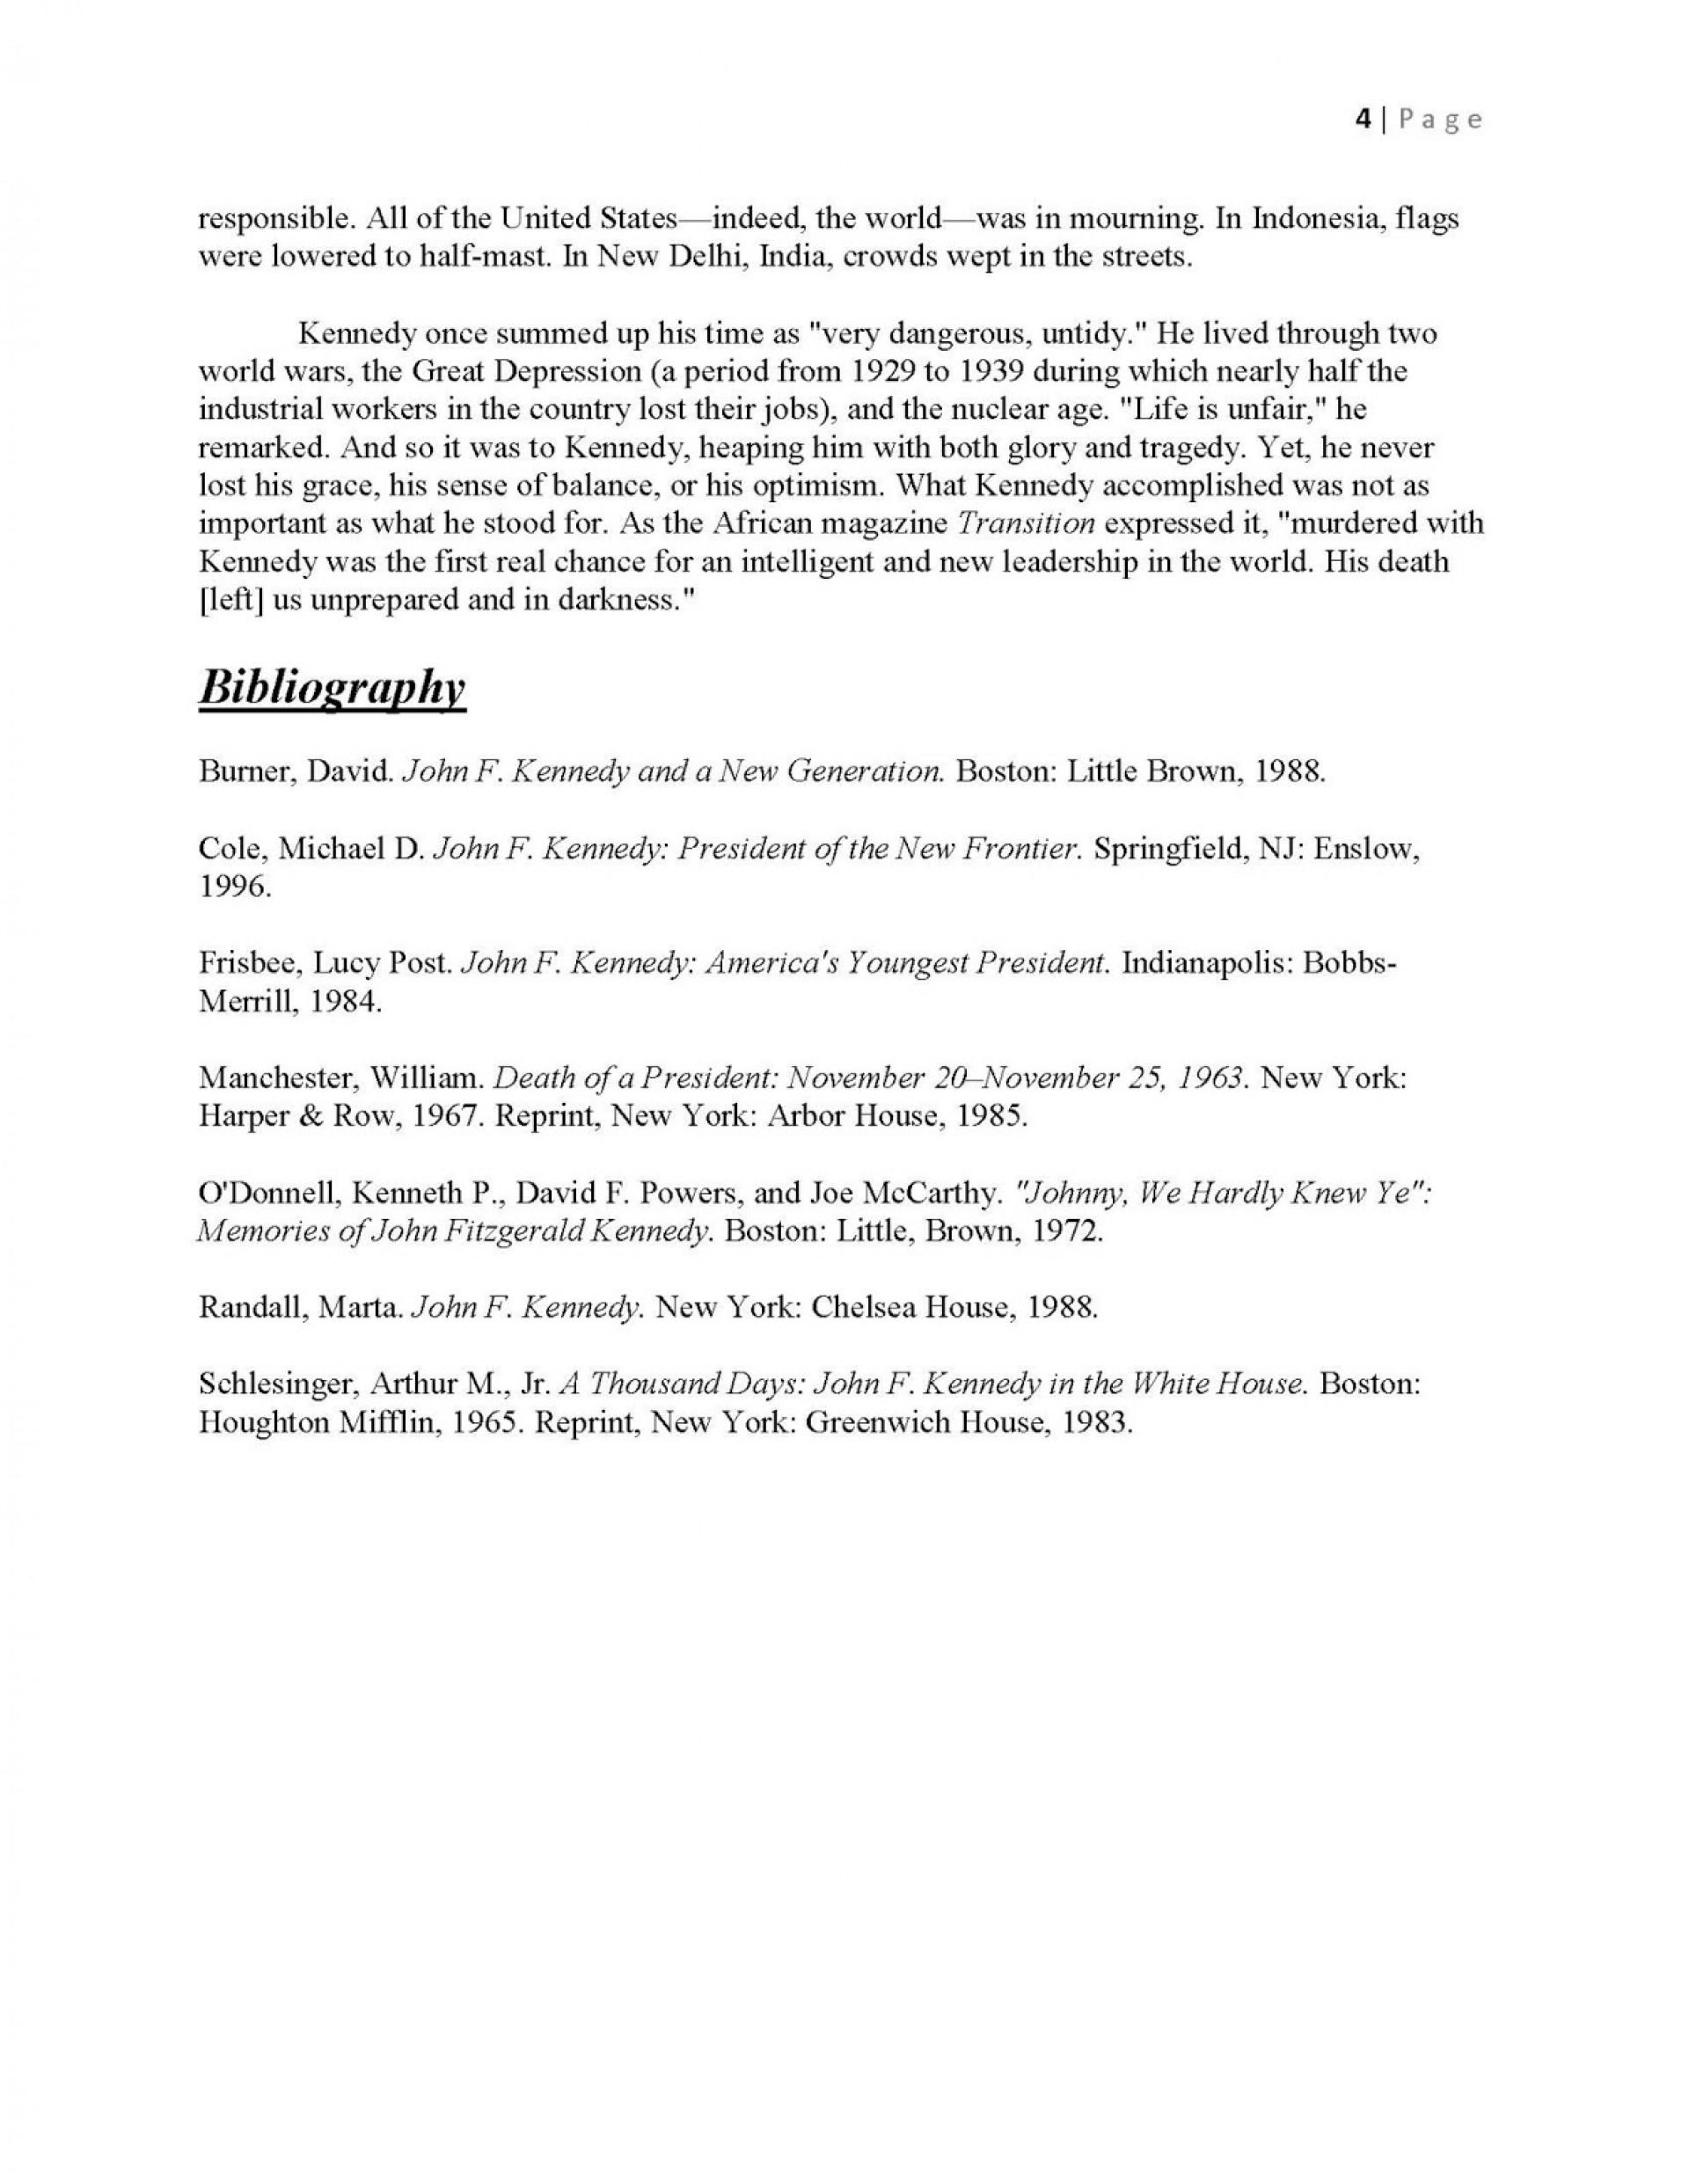 vcu essay prompt 2013